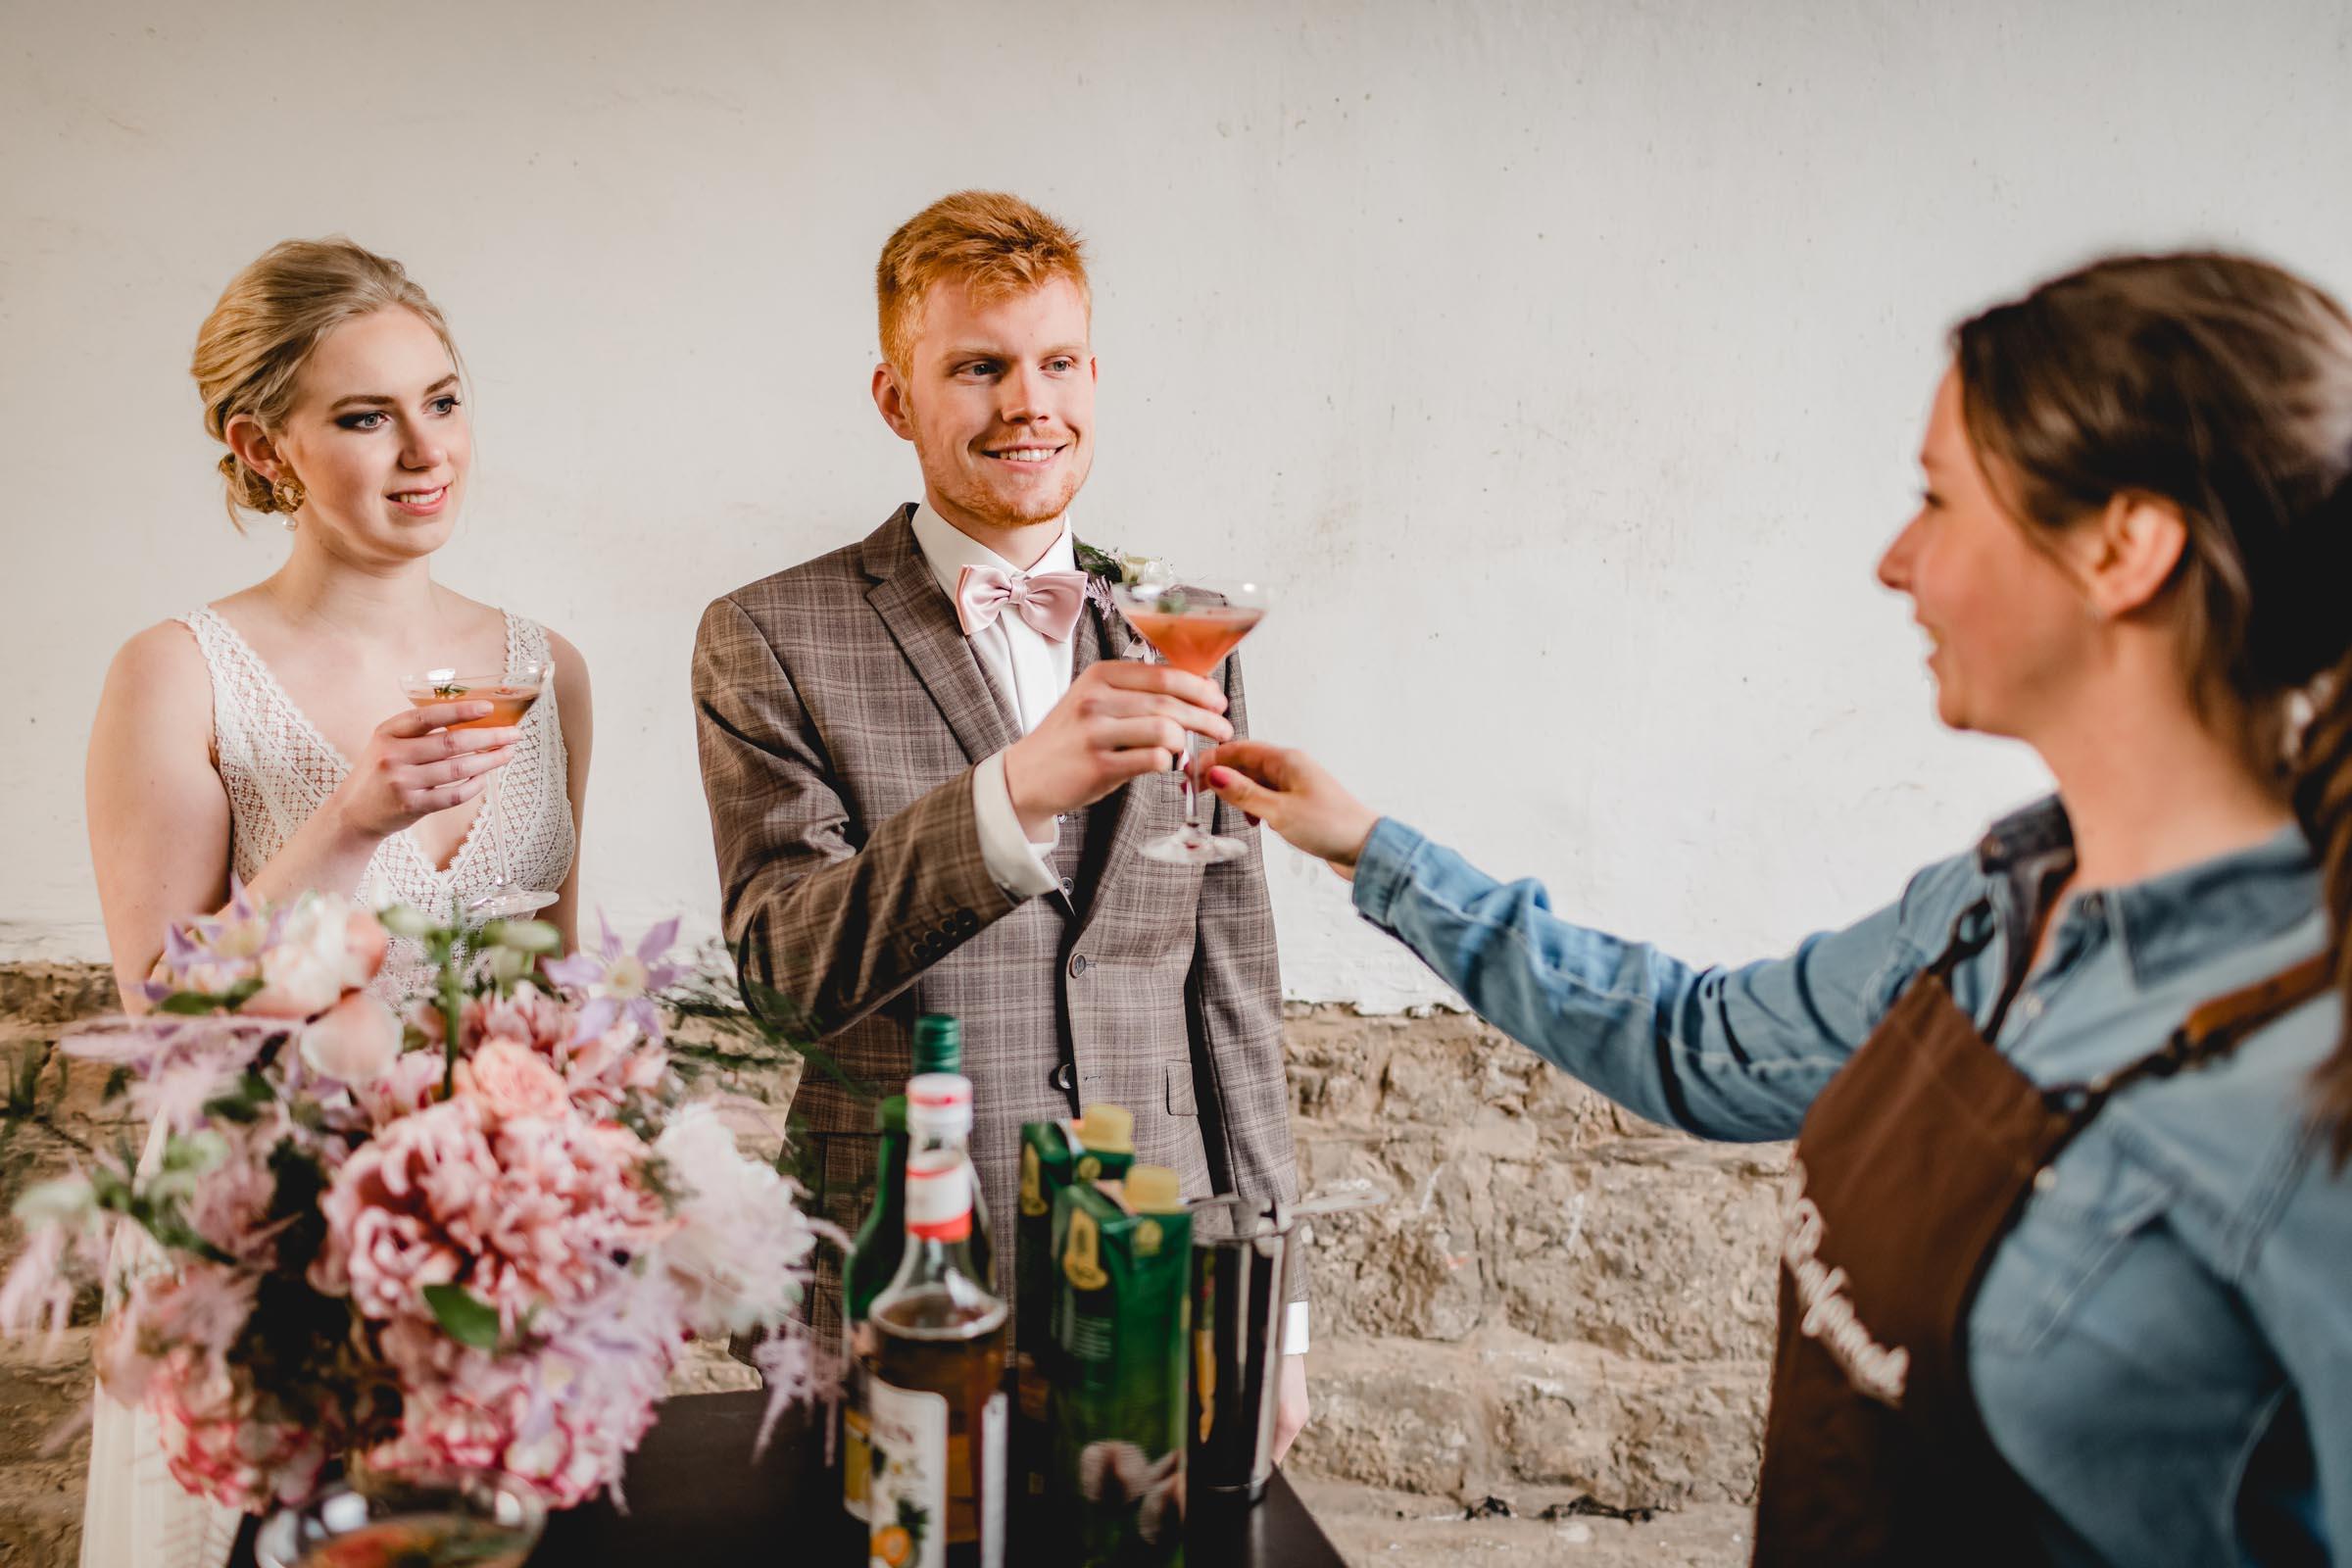 Barformat | Mobile | Bar | Hannover | Hamburg | Bremen | Braunschweig | Cocktailbar | Sektempfang | Bulli | Bar | Hochzeit | Cocktailservice | Food | Truck | Barkeeper | Messen | Firmenfeiern | Catering | Getränke | Ape | VW